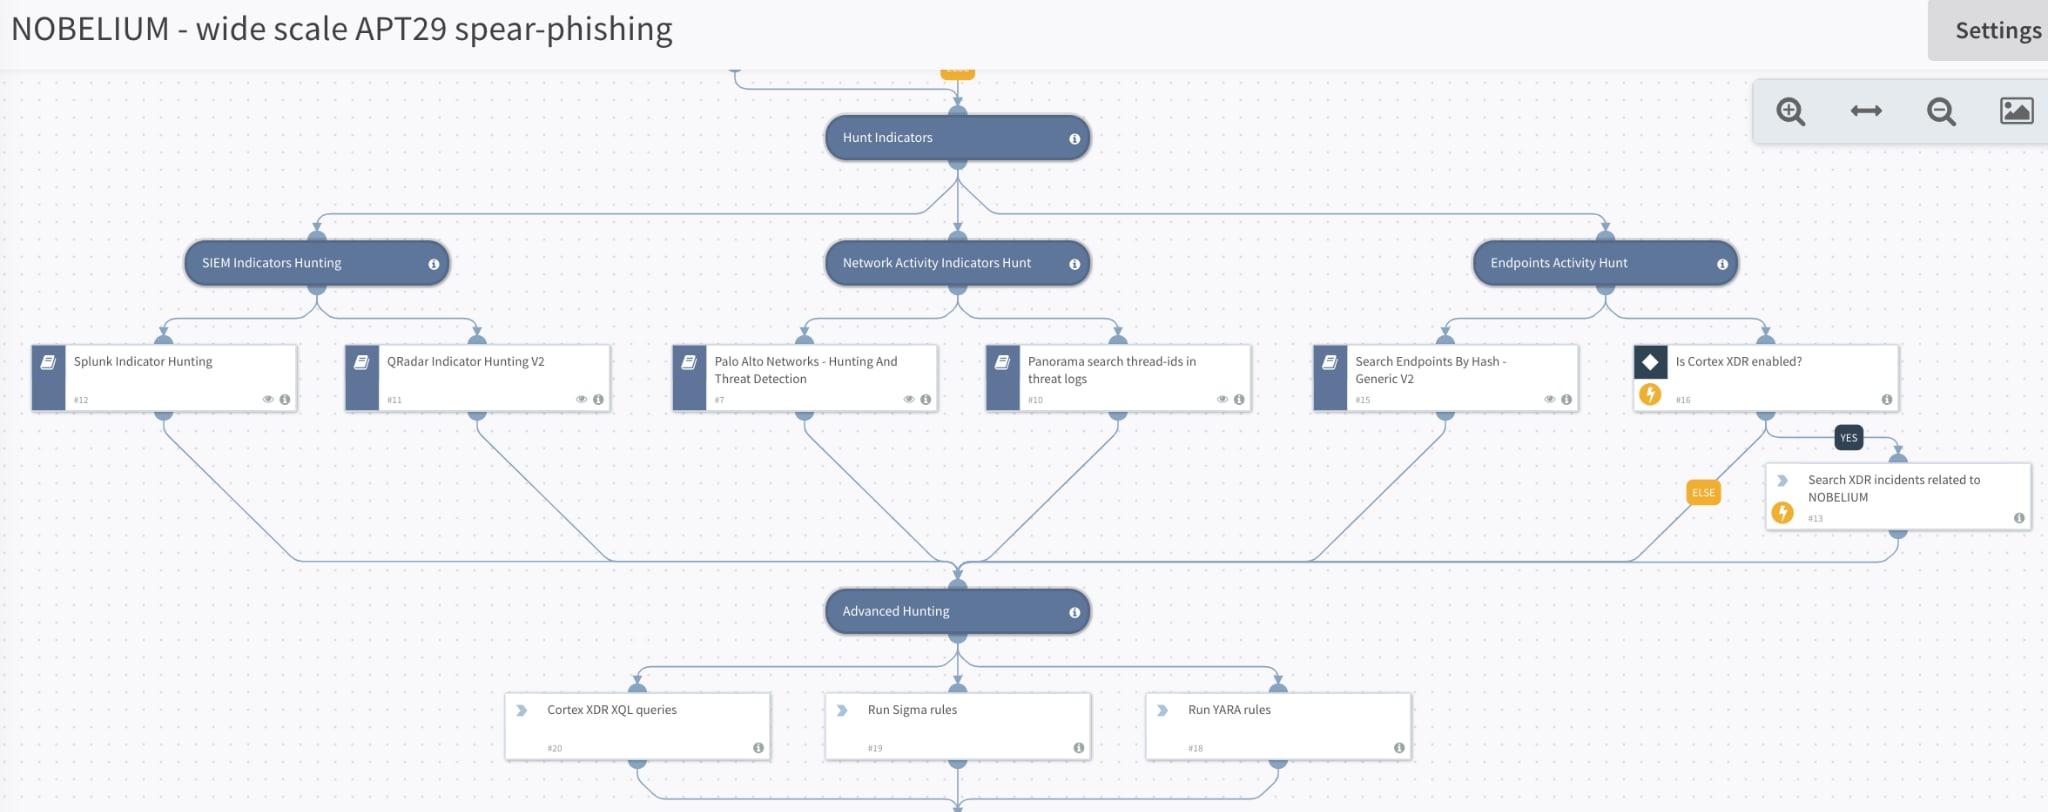 図3: プレイブックは、インシデント レスポンス プロセスに必要となるさまざまなクエリをカバーし、迅速かつ適切なプロセスを実現する。